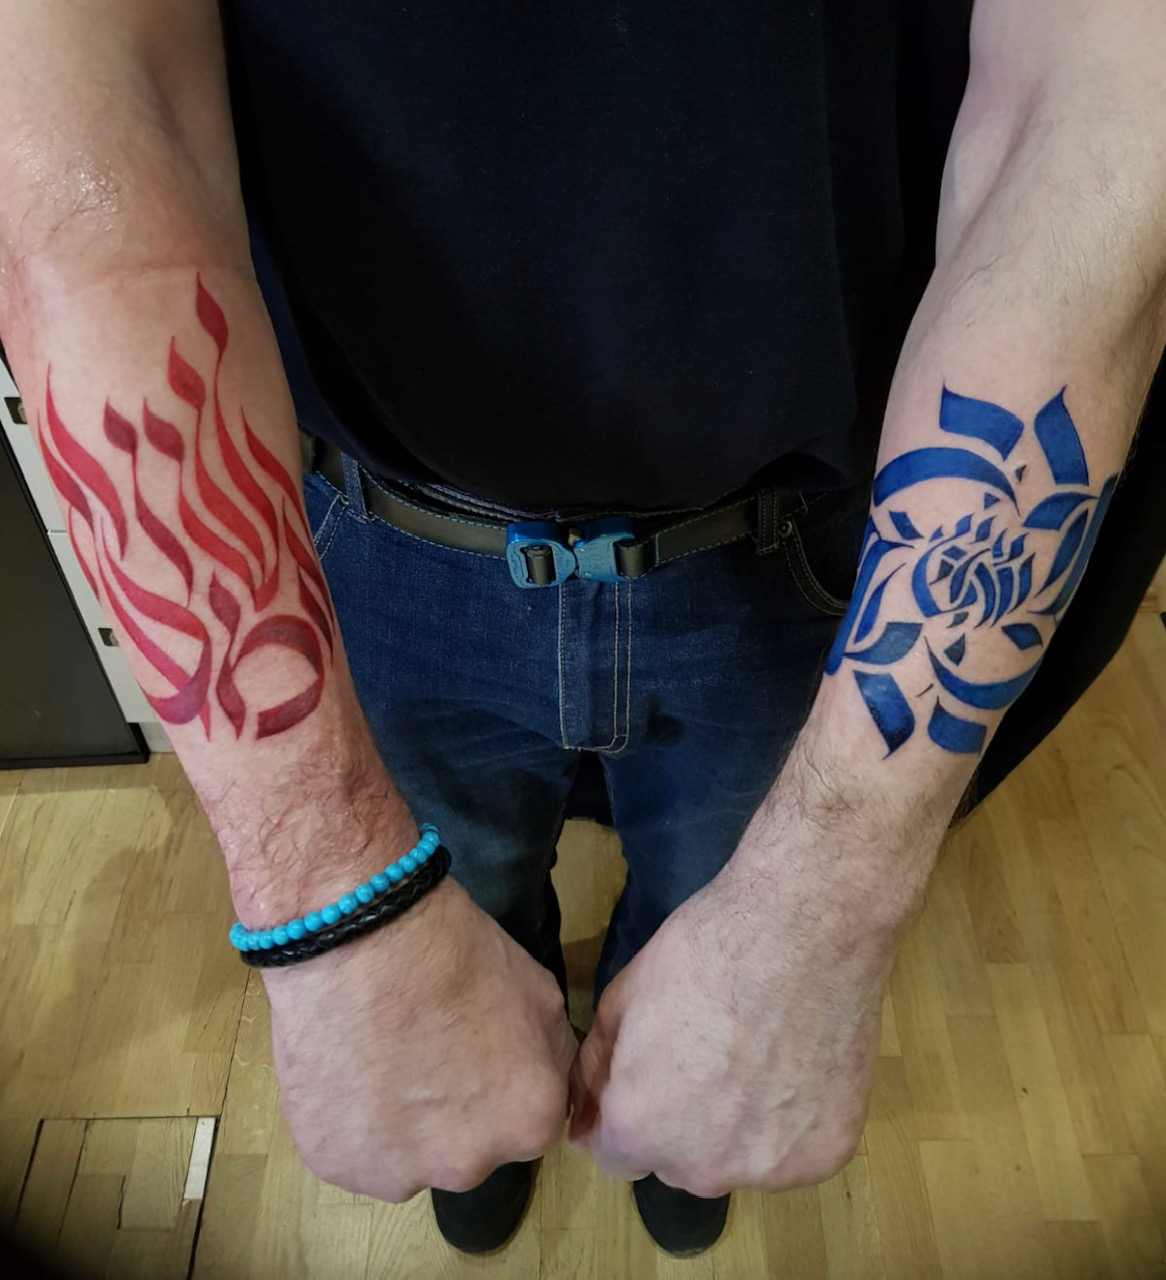 hebrew tattoo art münchen munich minga best bester bestes jason anansi